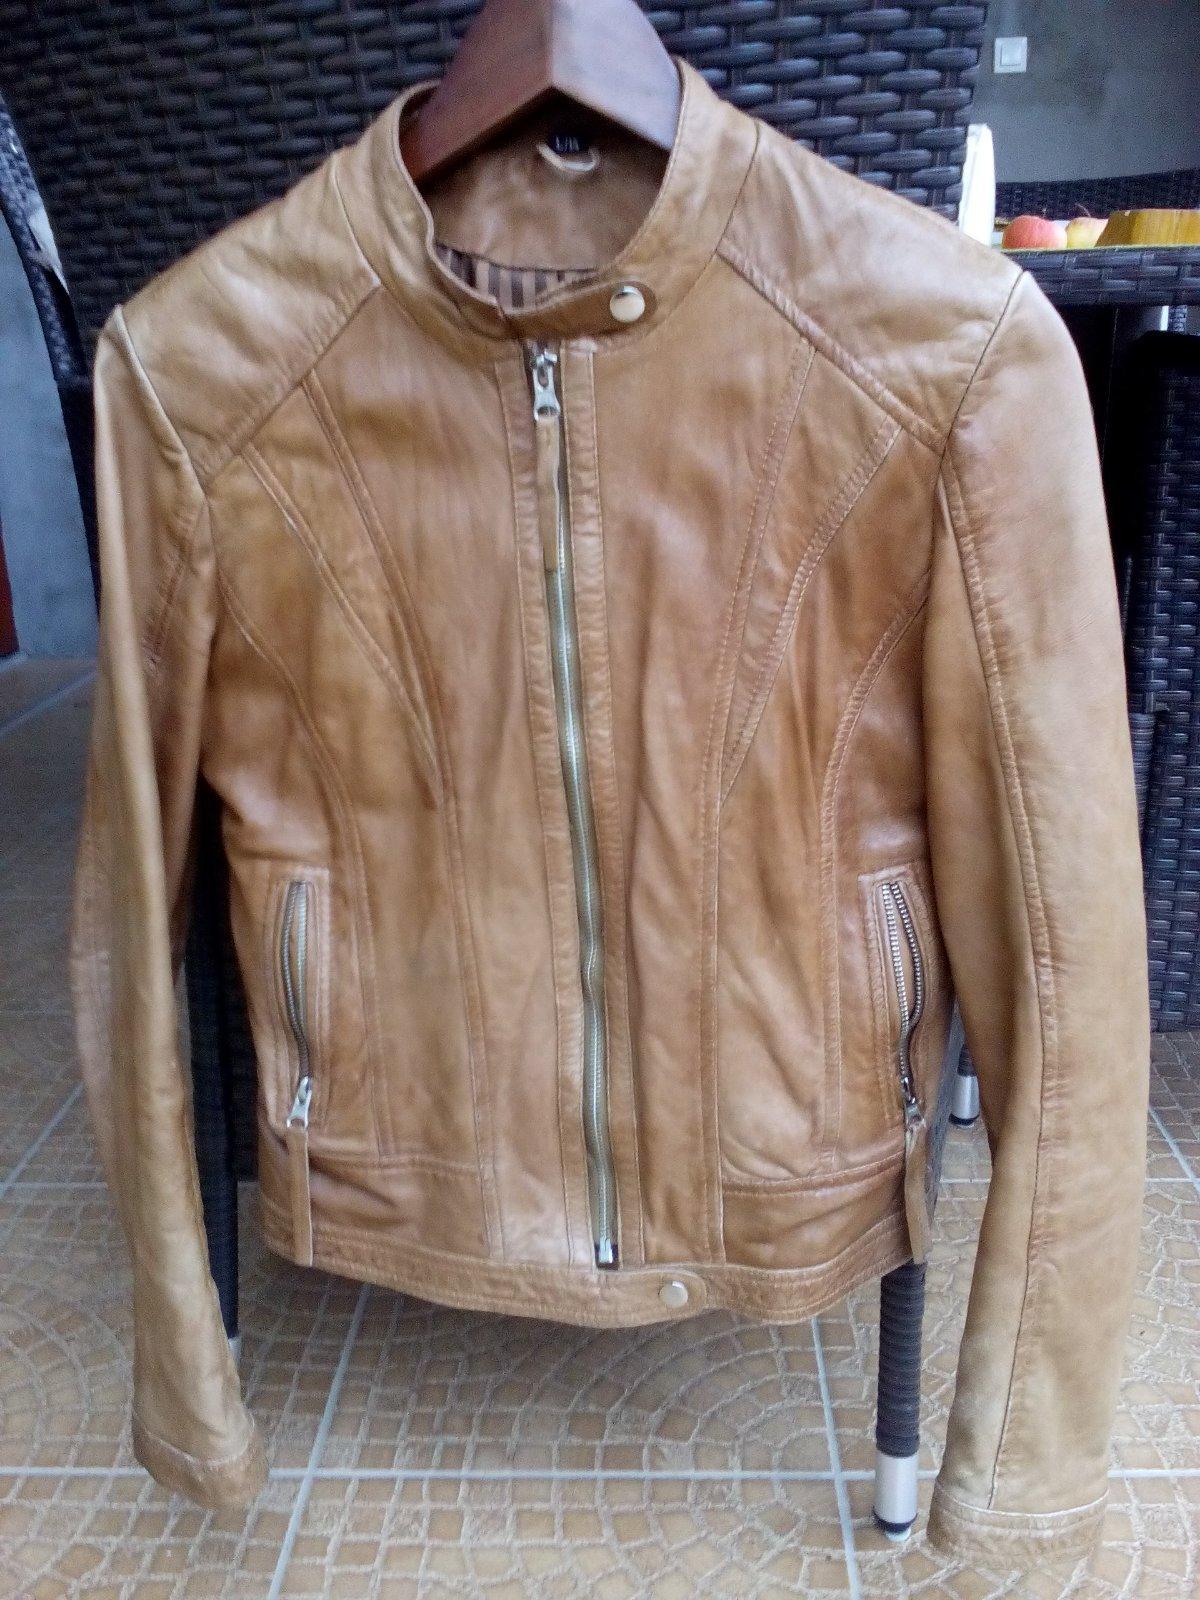 390881a8b Celokozeny kabát z kcero, m - 21 € od predávajúcej ildiko28 | Detský bazár  | ModryKonik.sk